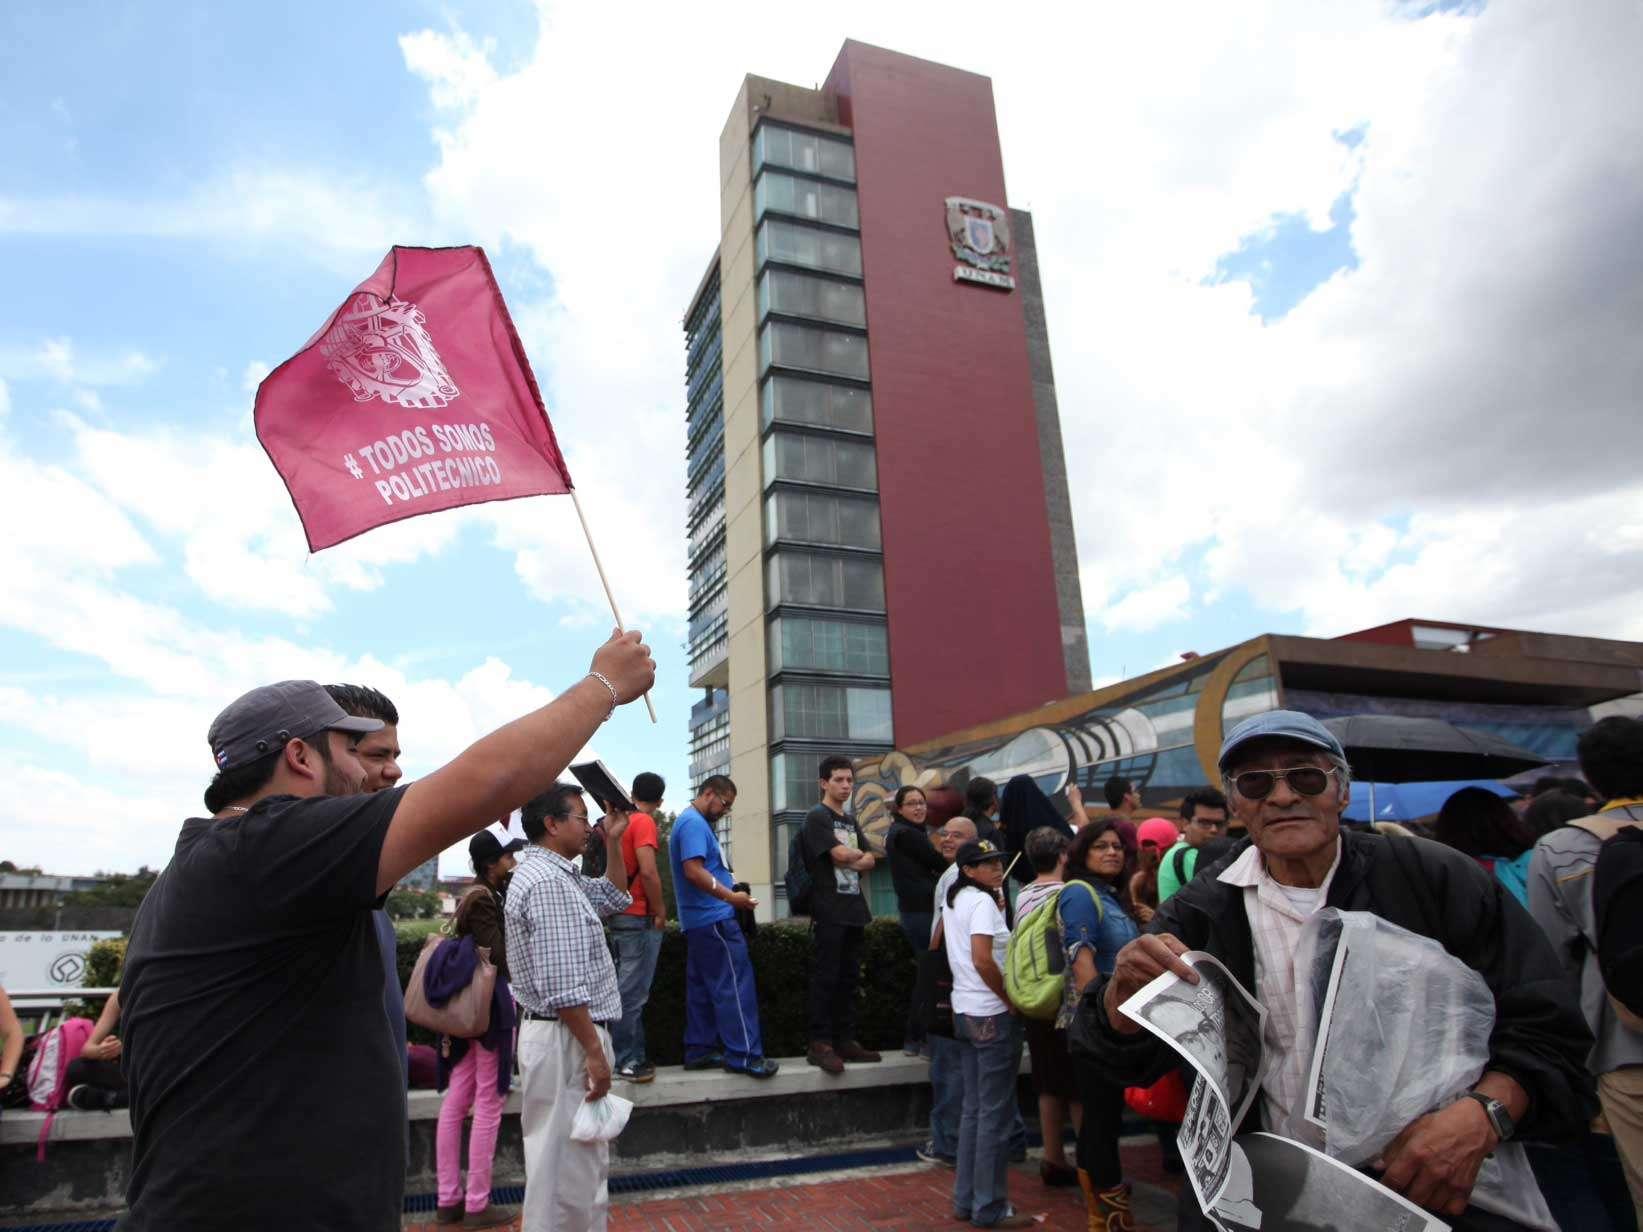 De manera simultánea, estudiantes del IPN realizaron un foro informativo sobre el reglamento interno en la sede de Culhuacán, por lo que al evento de CU no llegaron todos los representantes de las escuelas en paro. Foto: Terra